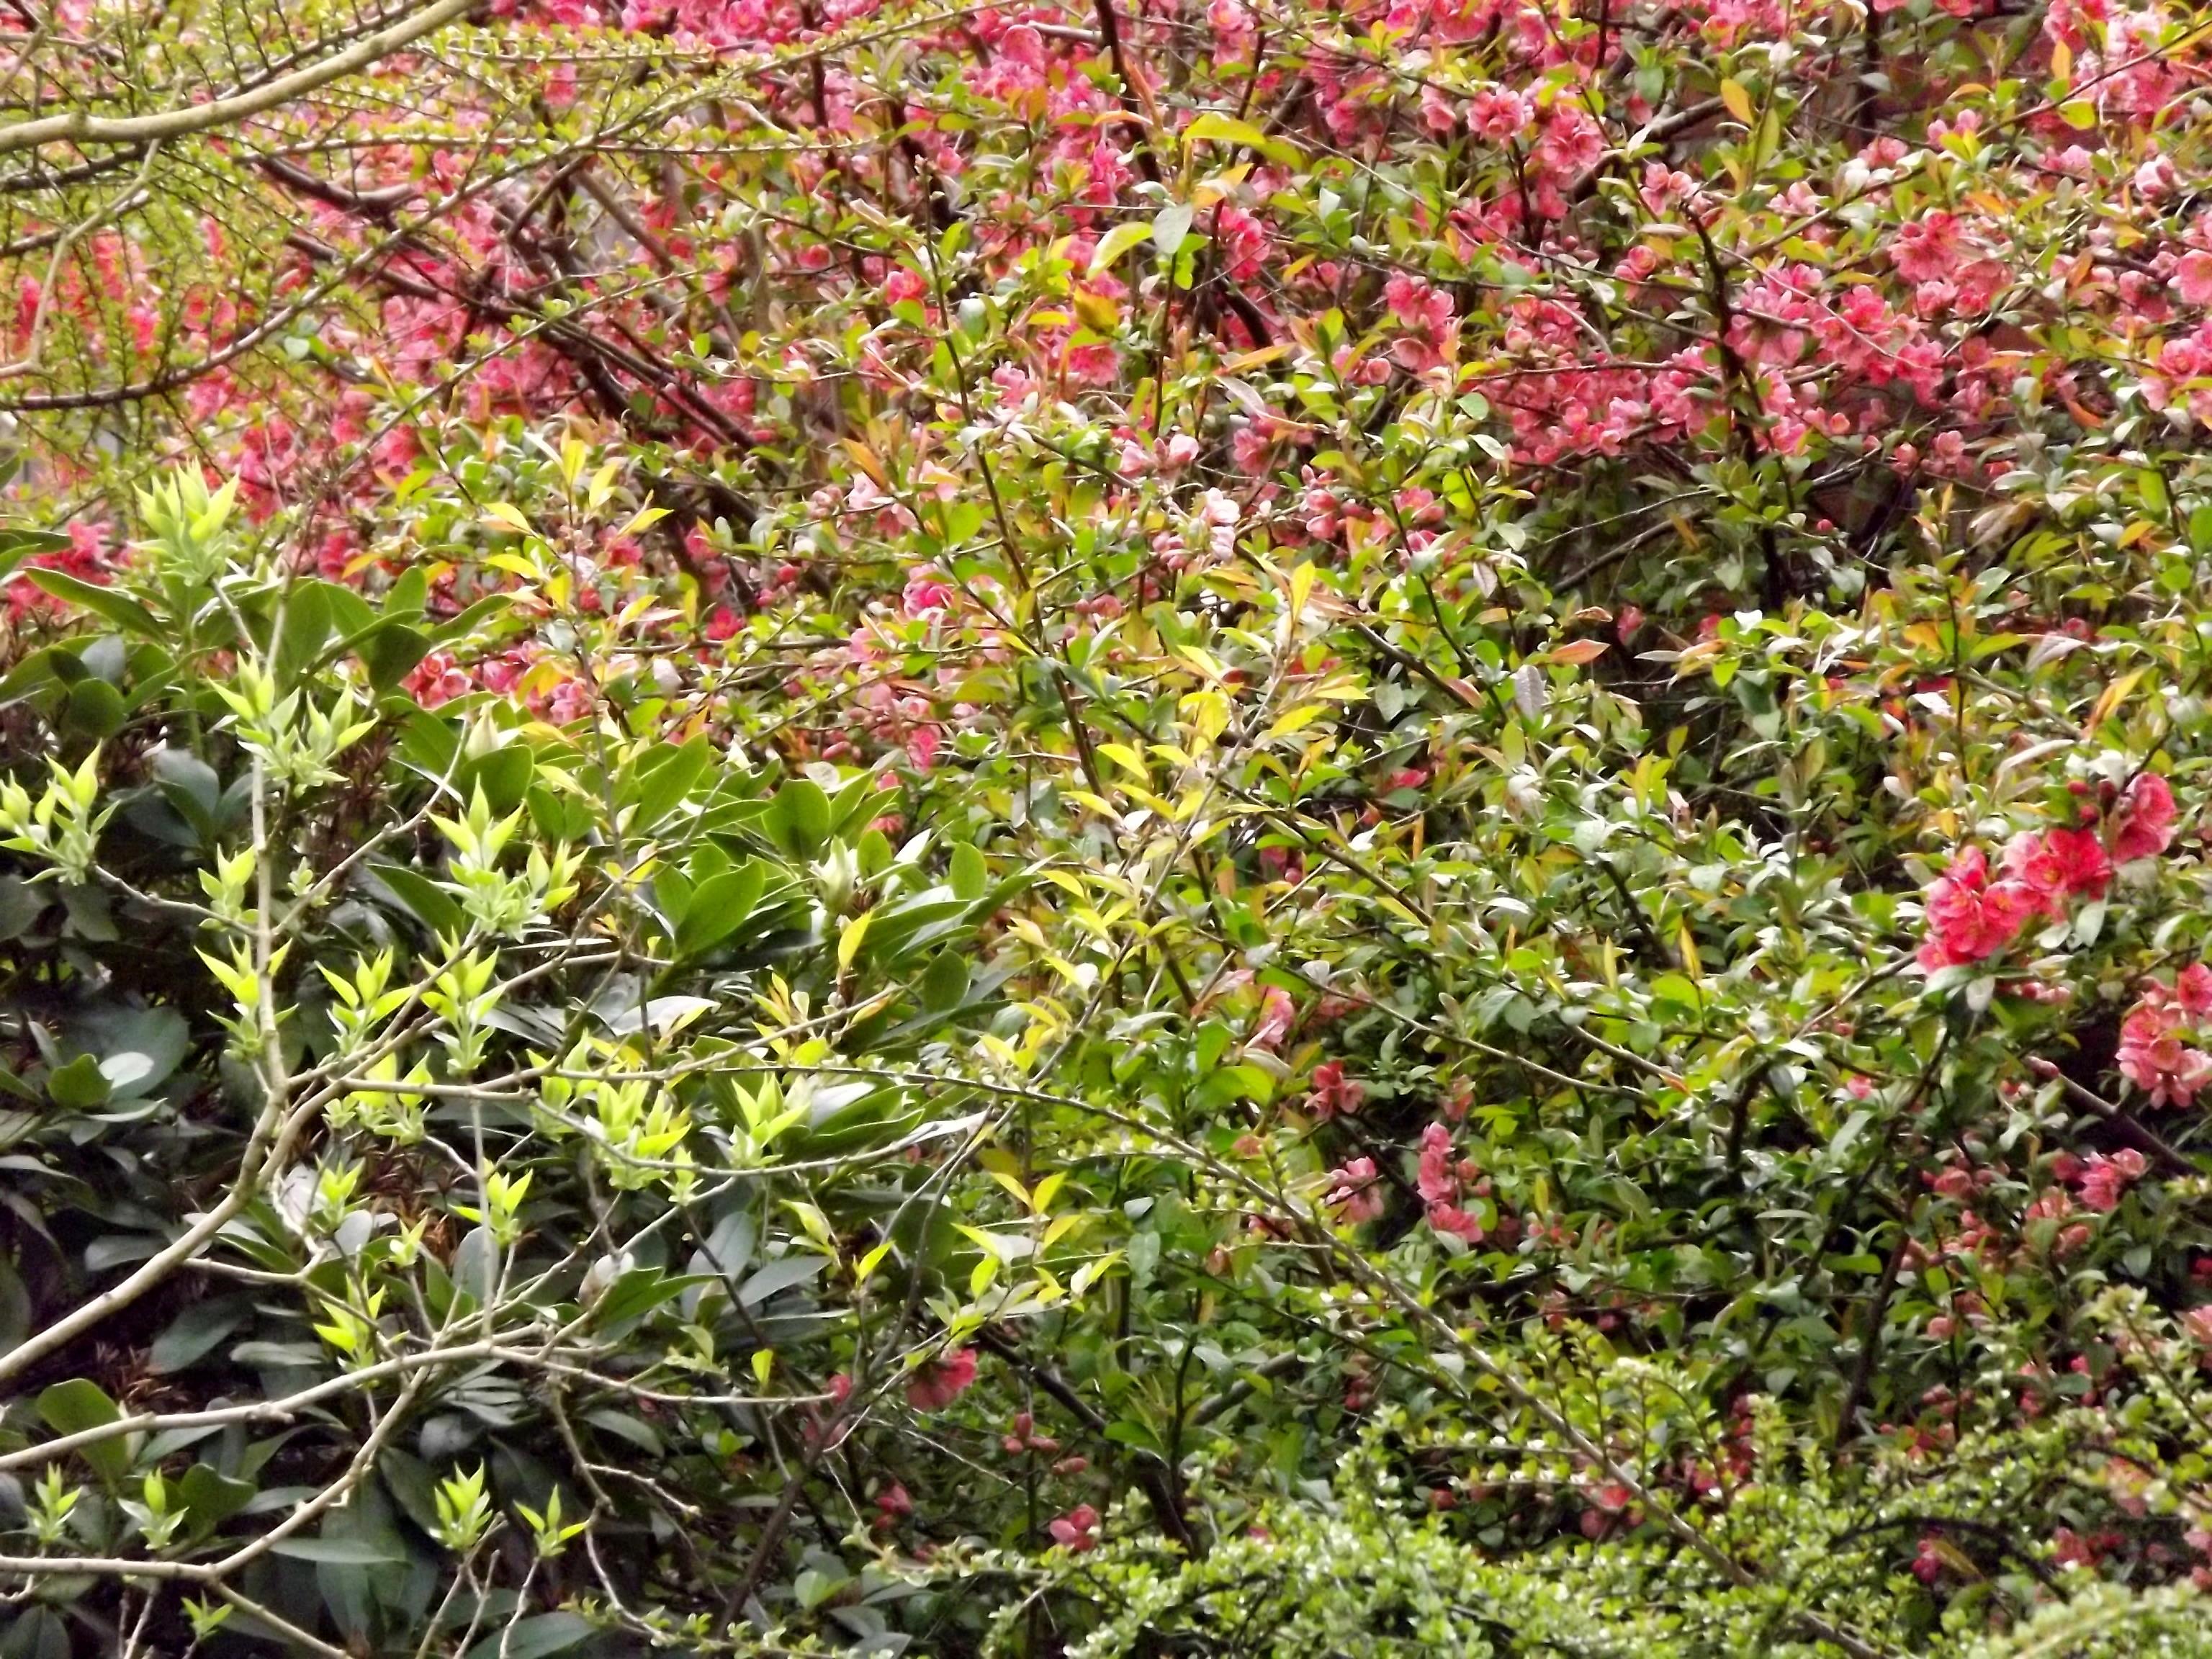 5896-rosa-bluehten-frisches-gruen-verlauf